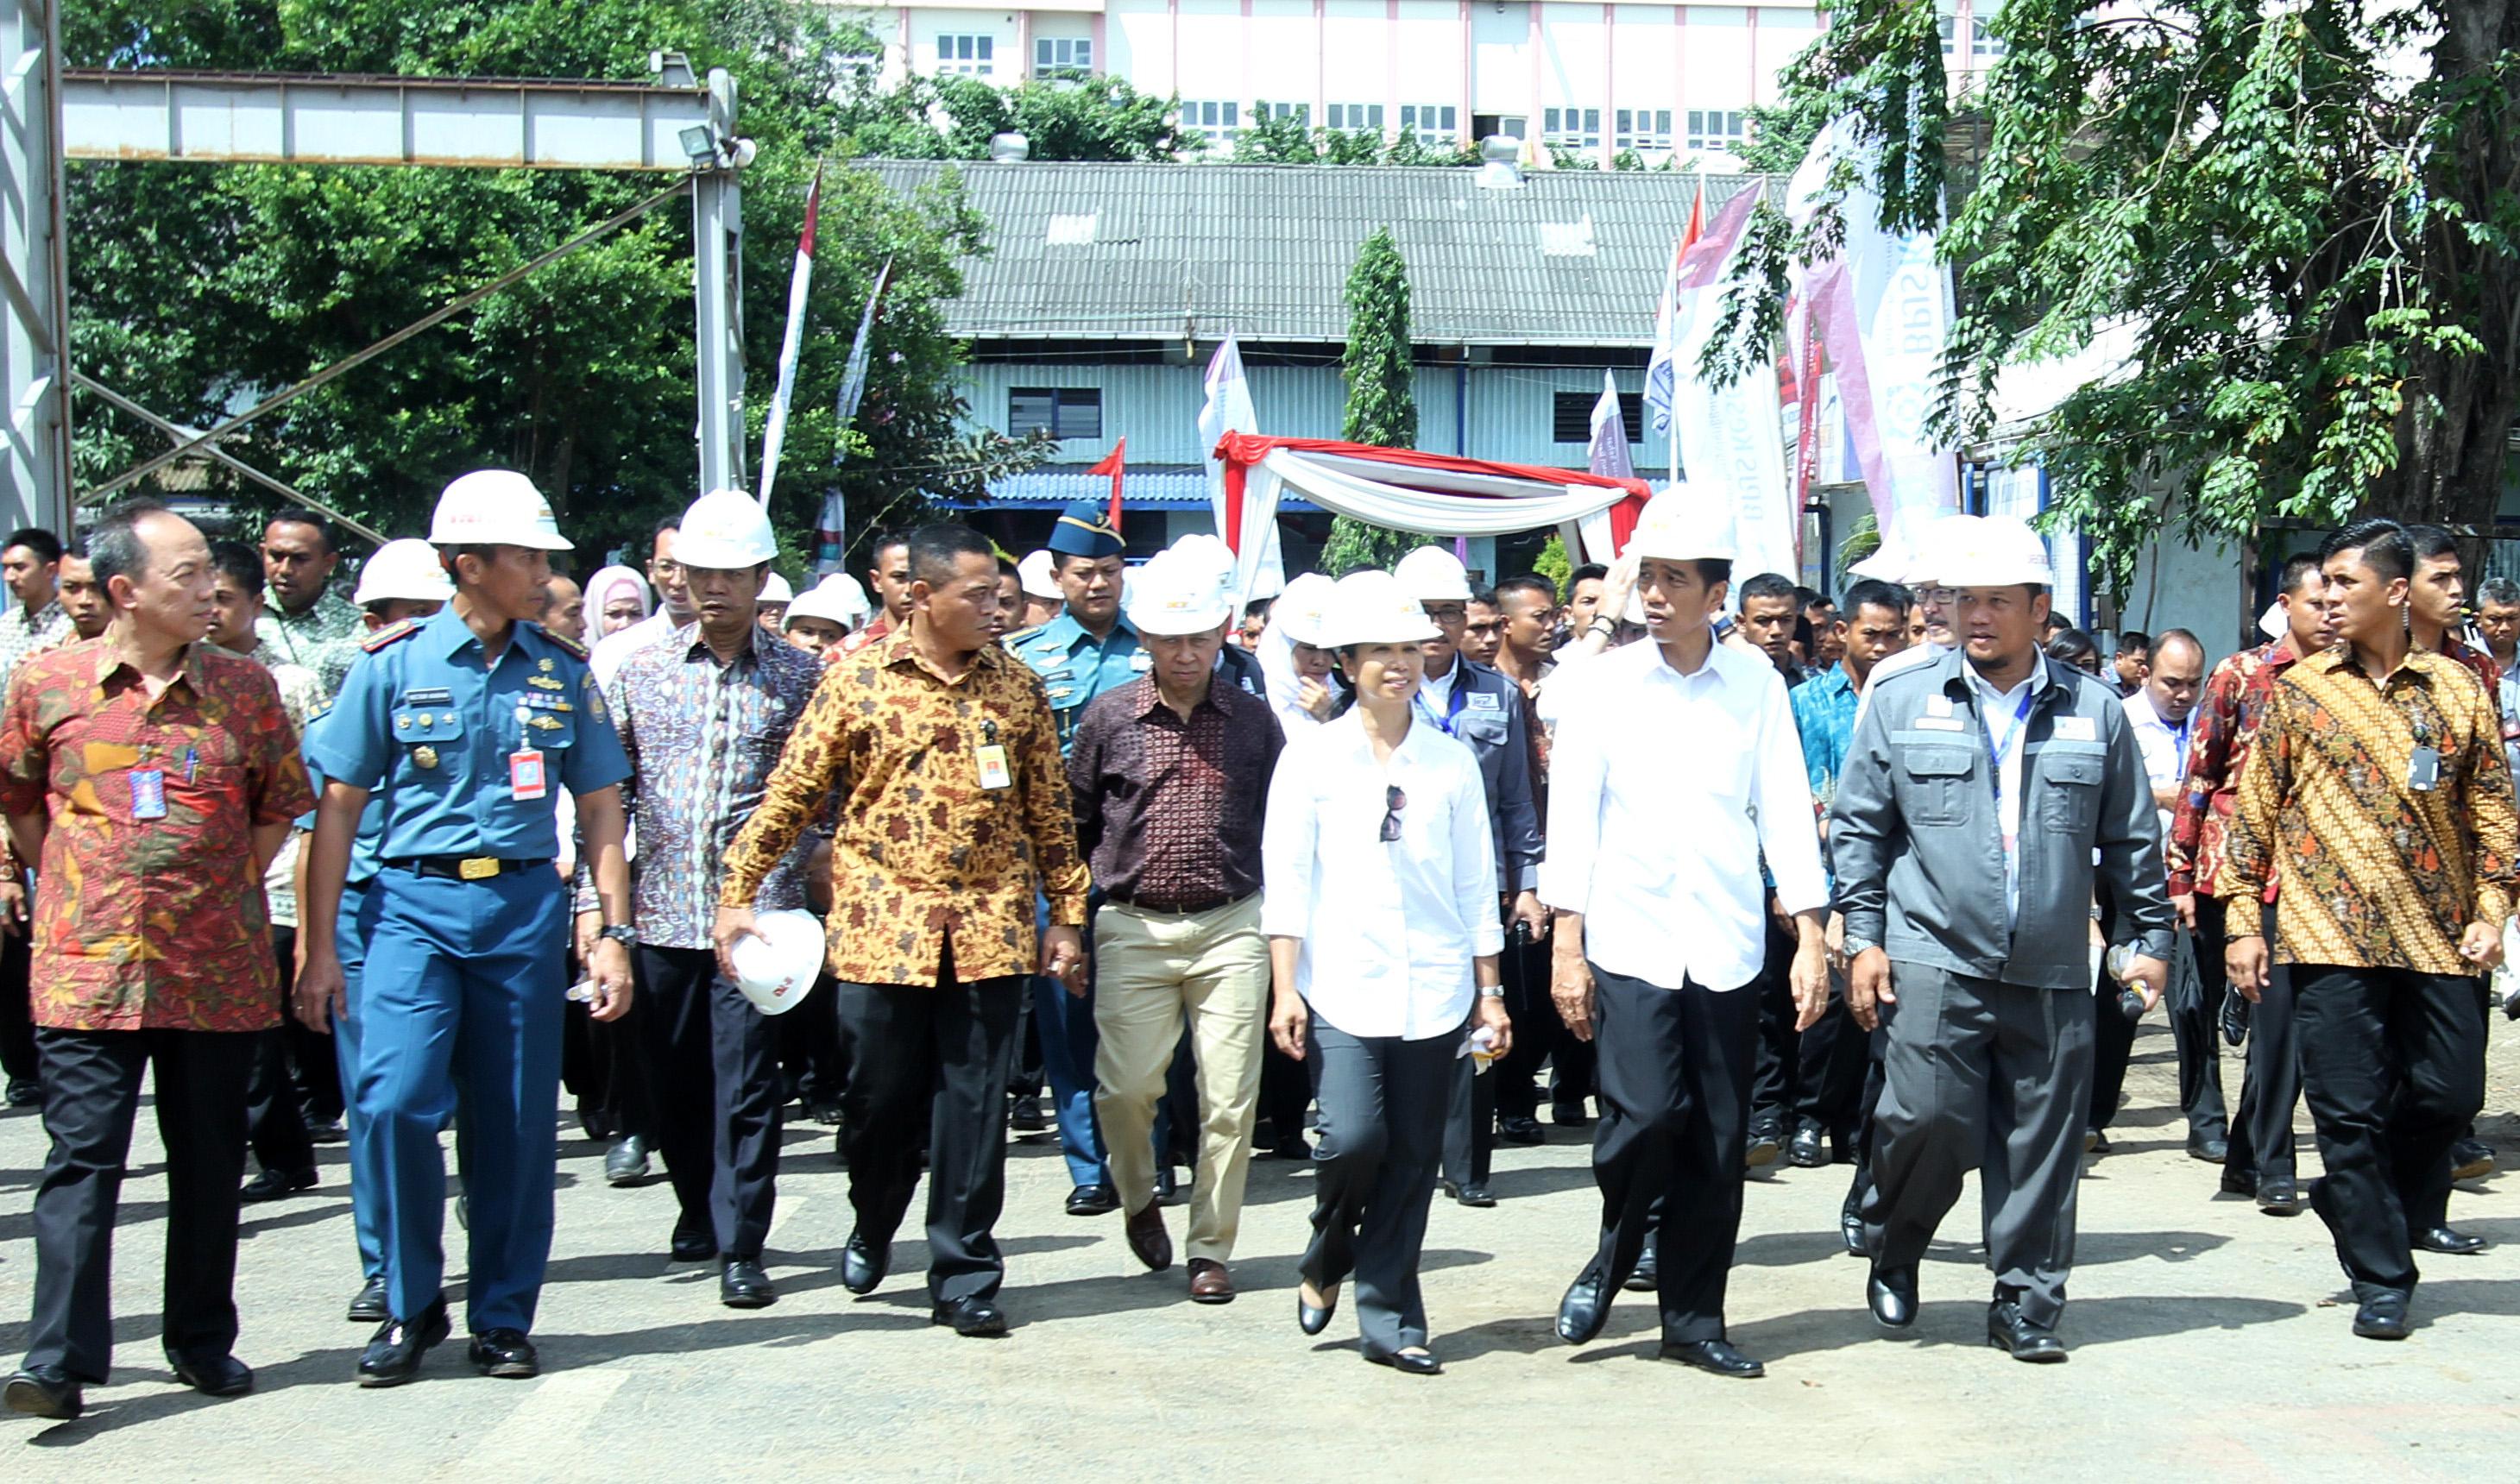 Presiden Jokowi Usai Penyerahan KIS Meninjau PT Dok dan Perkapalan Kodja Bahari yang sudah berdiri sejak tahun 1967